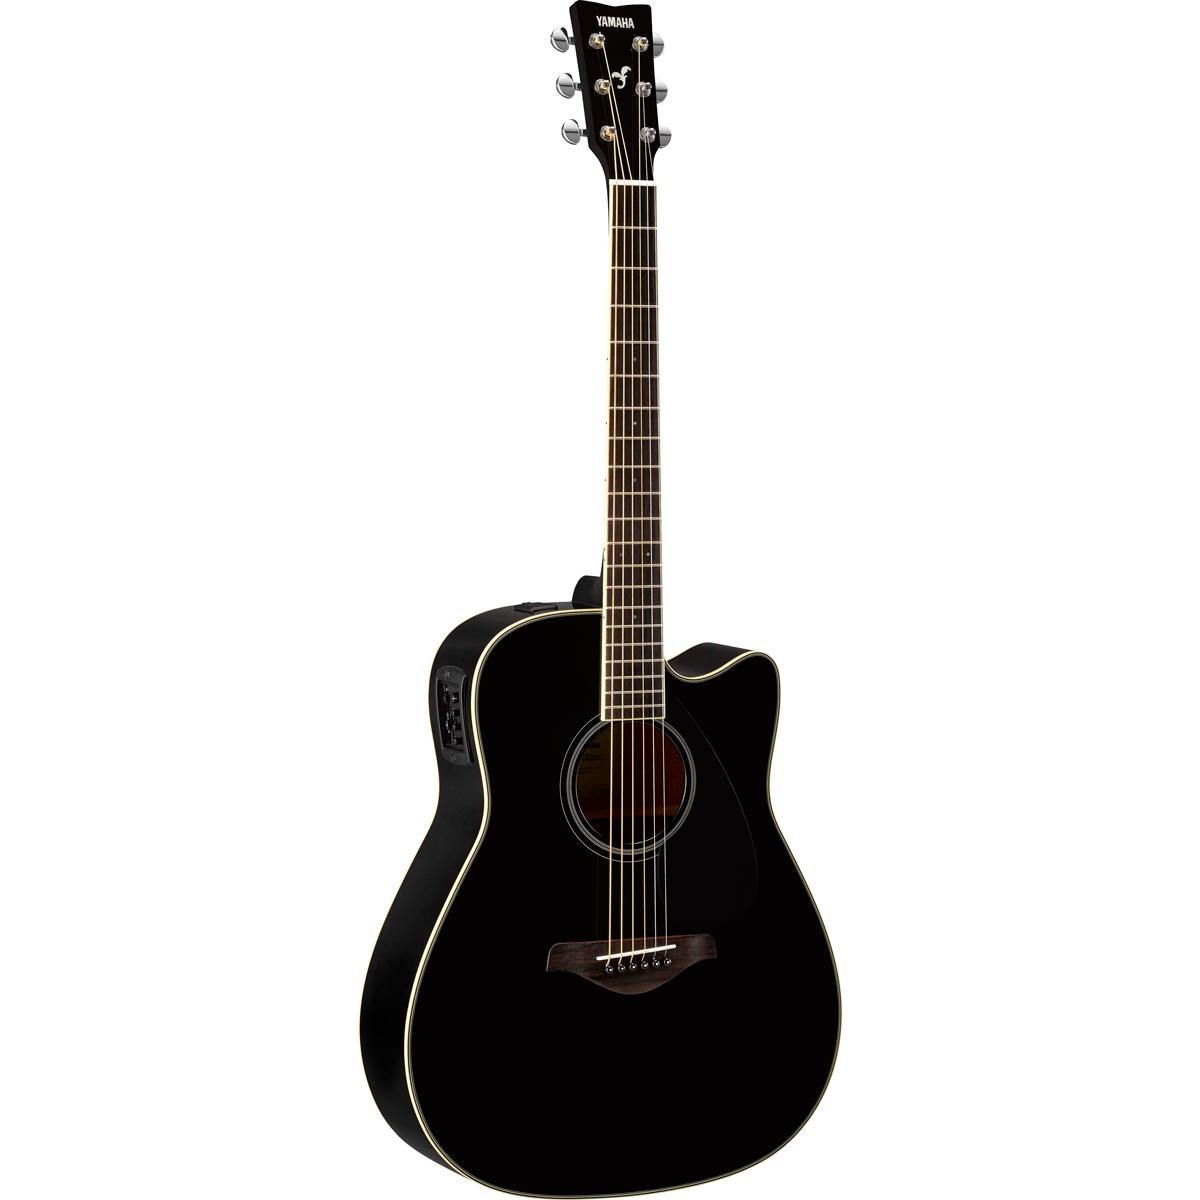 Billede af Yamaha FGX820CBL western-guitar sort